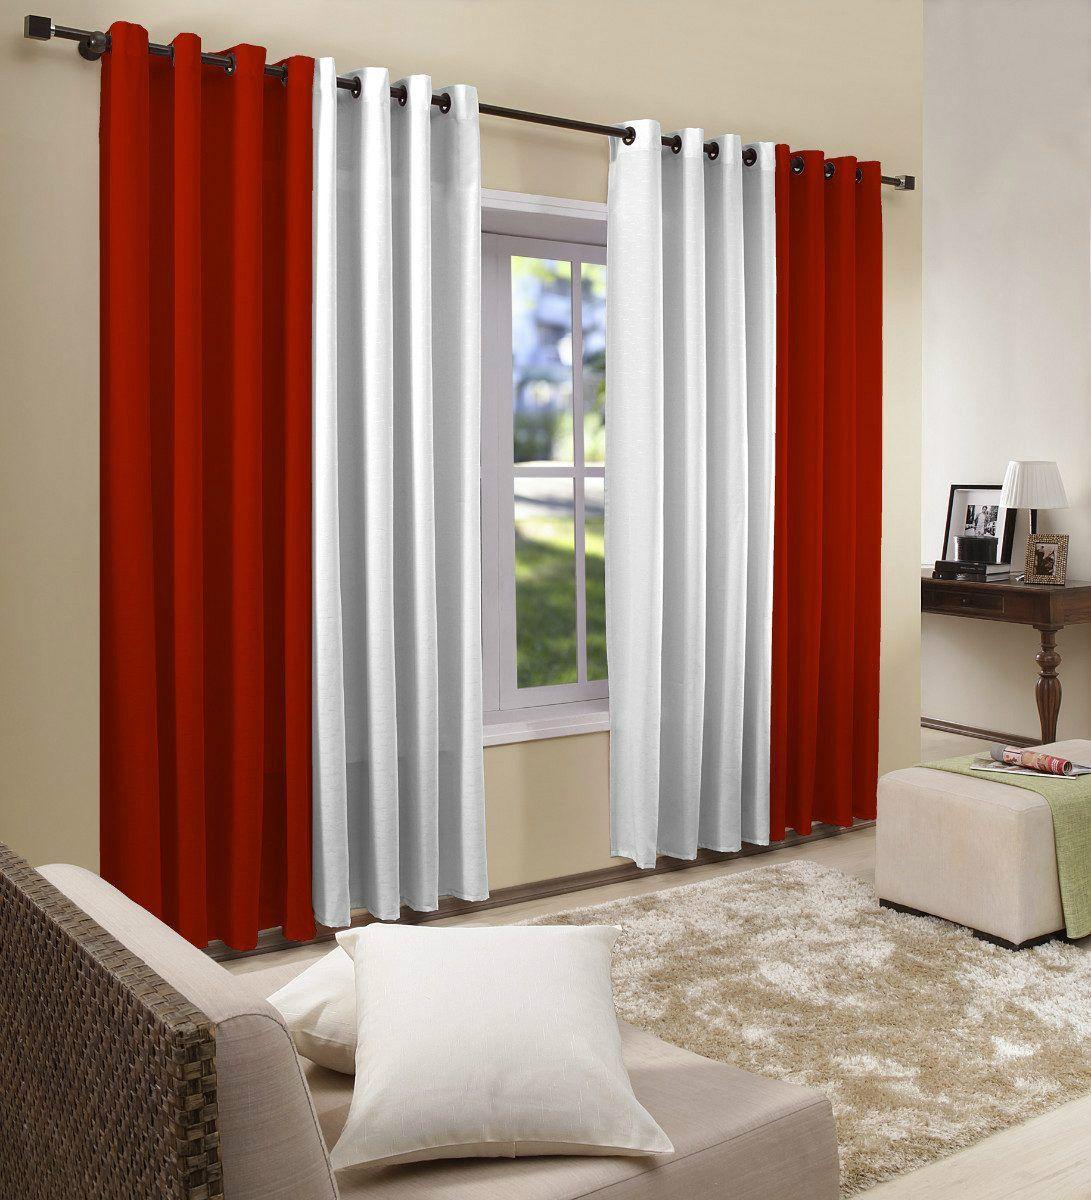 Las cortinas en la decoraci n constituyen un elemento - Decoracion en cortinas ...